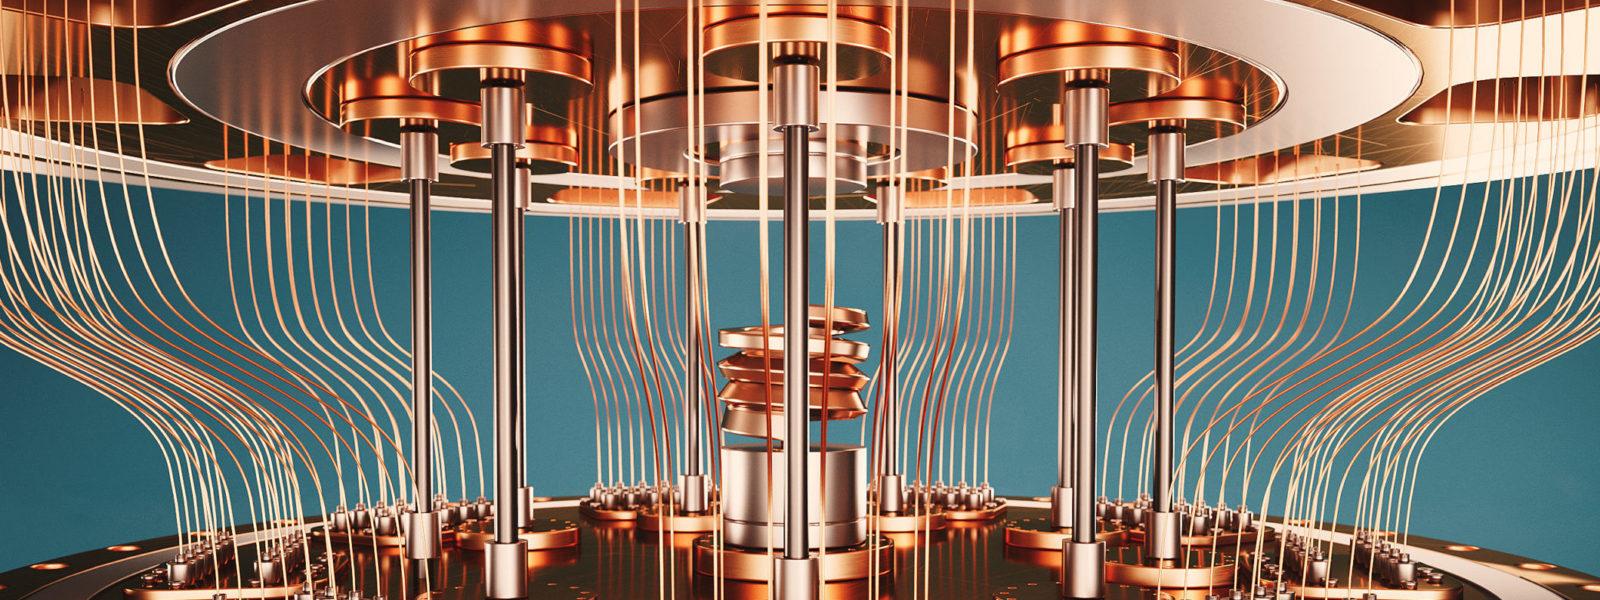 quantum computer closeup